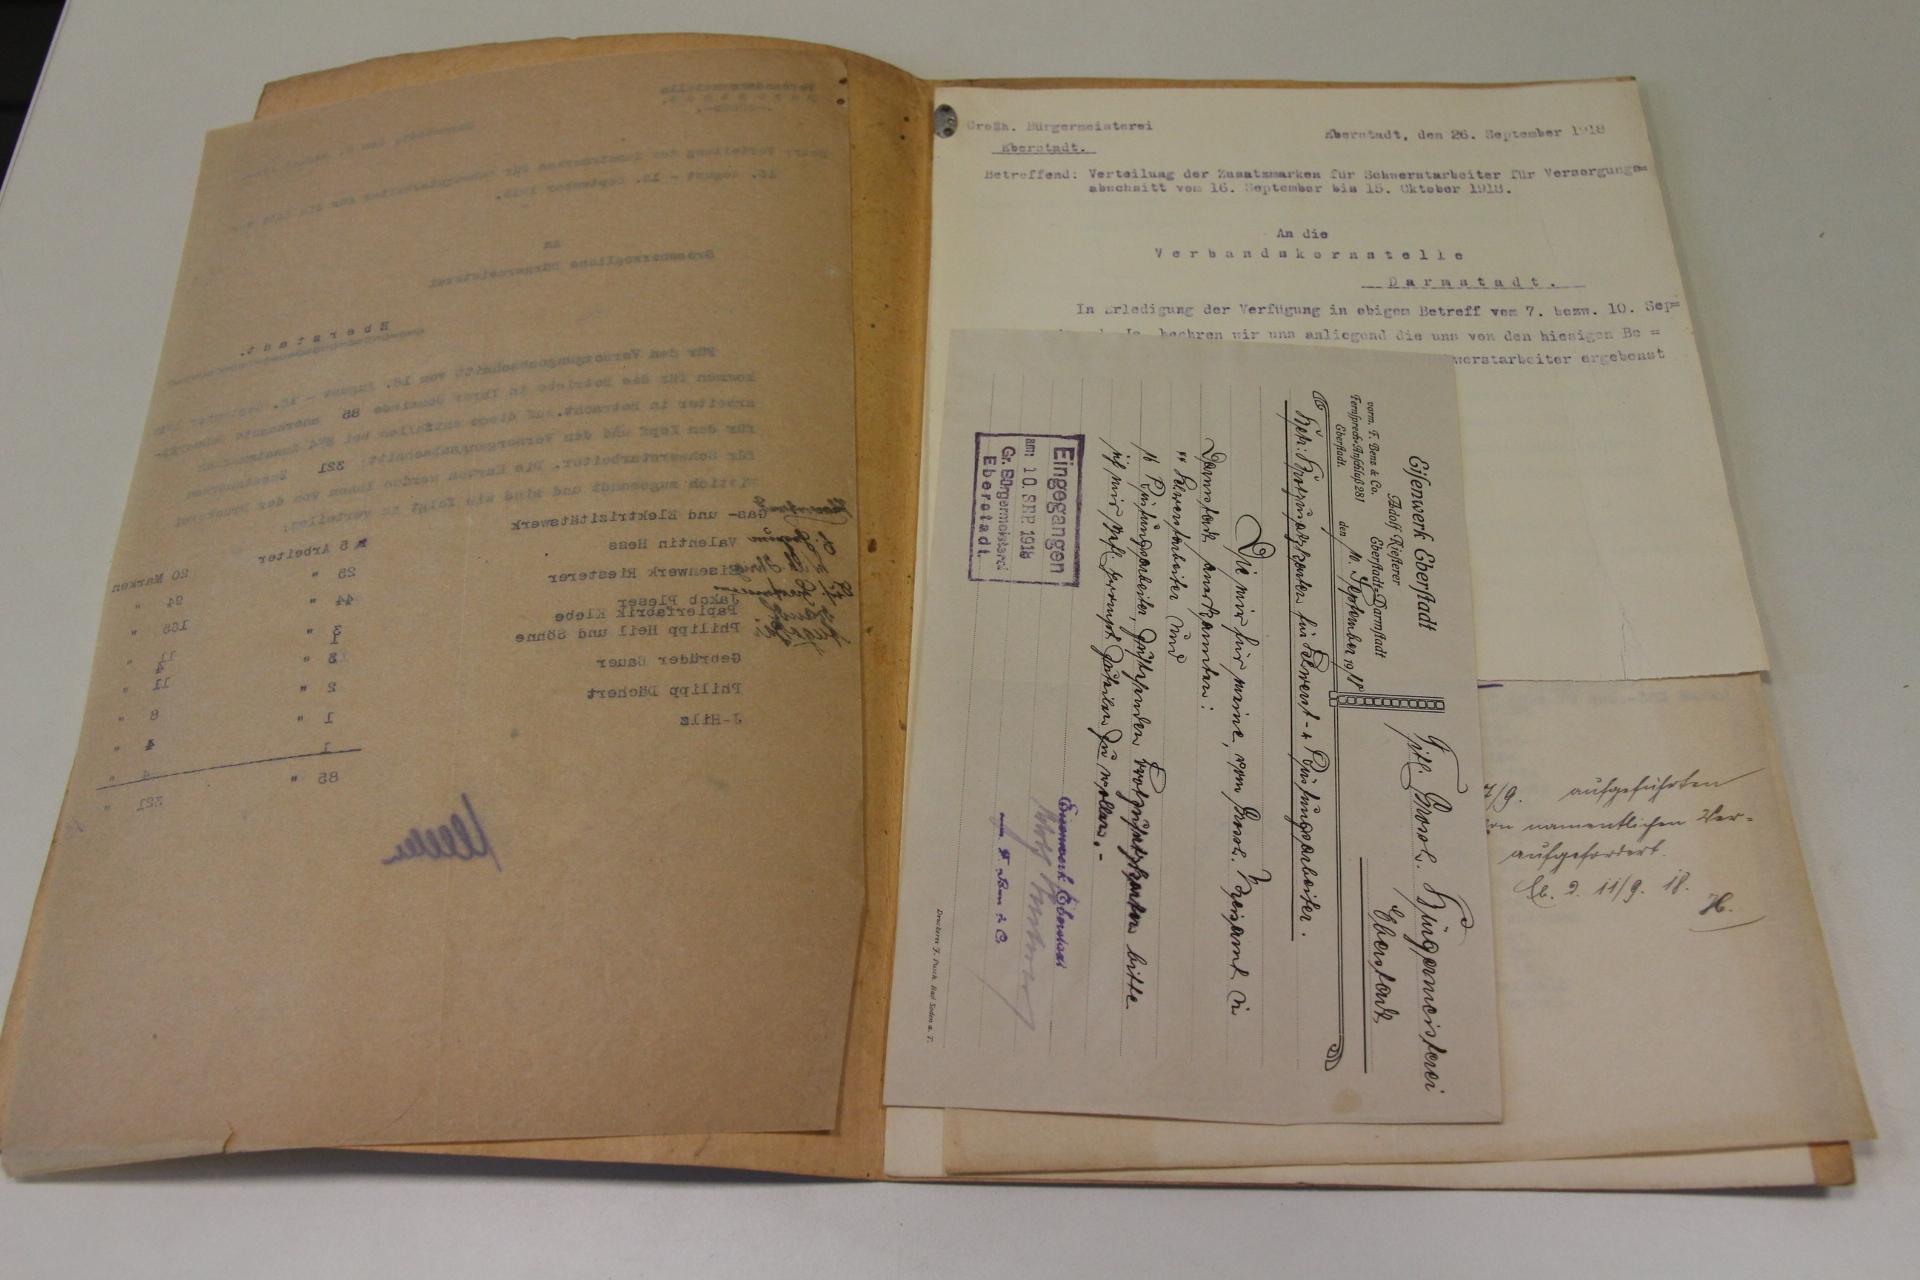 StadtA DA ST15 Eberstadt A8/345. Handschriften und Kopien aus 19. Jh. Foto: Wissenschaftsstadt Darmstadt/Stella Lessig